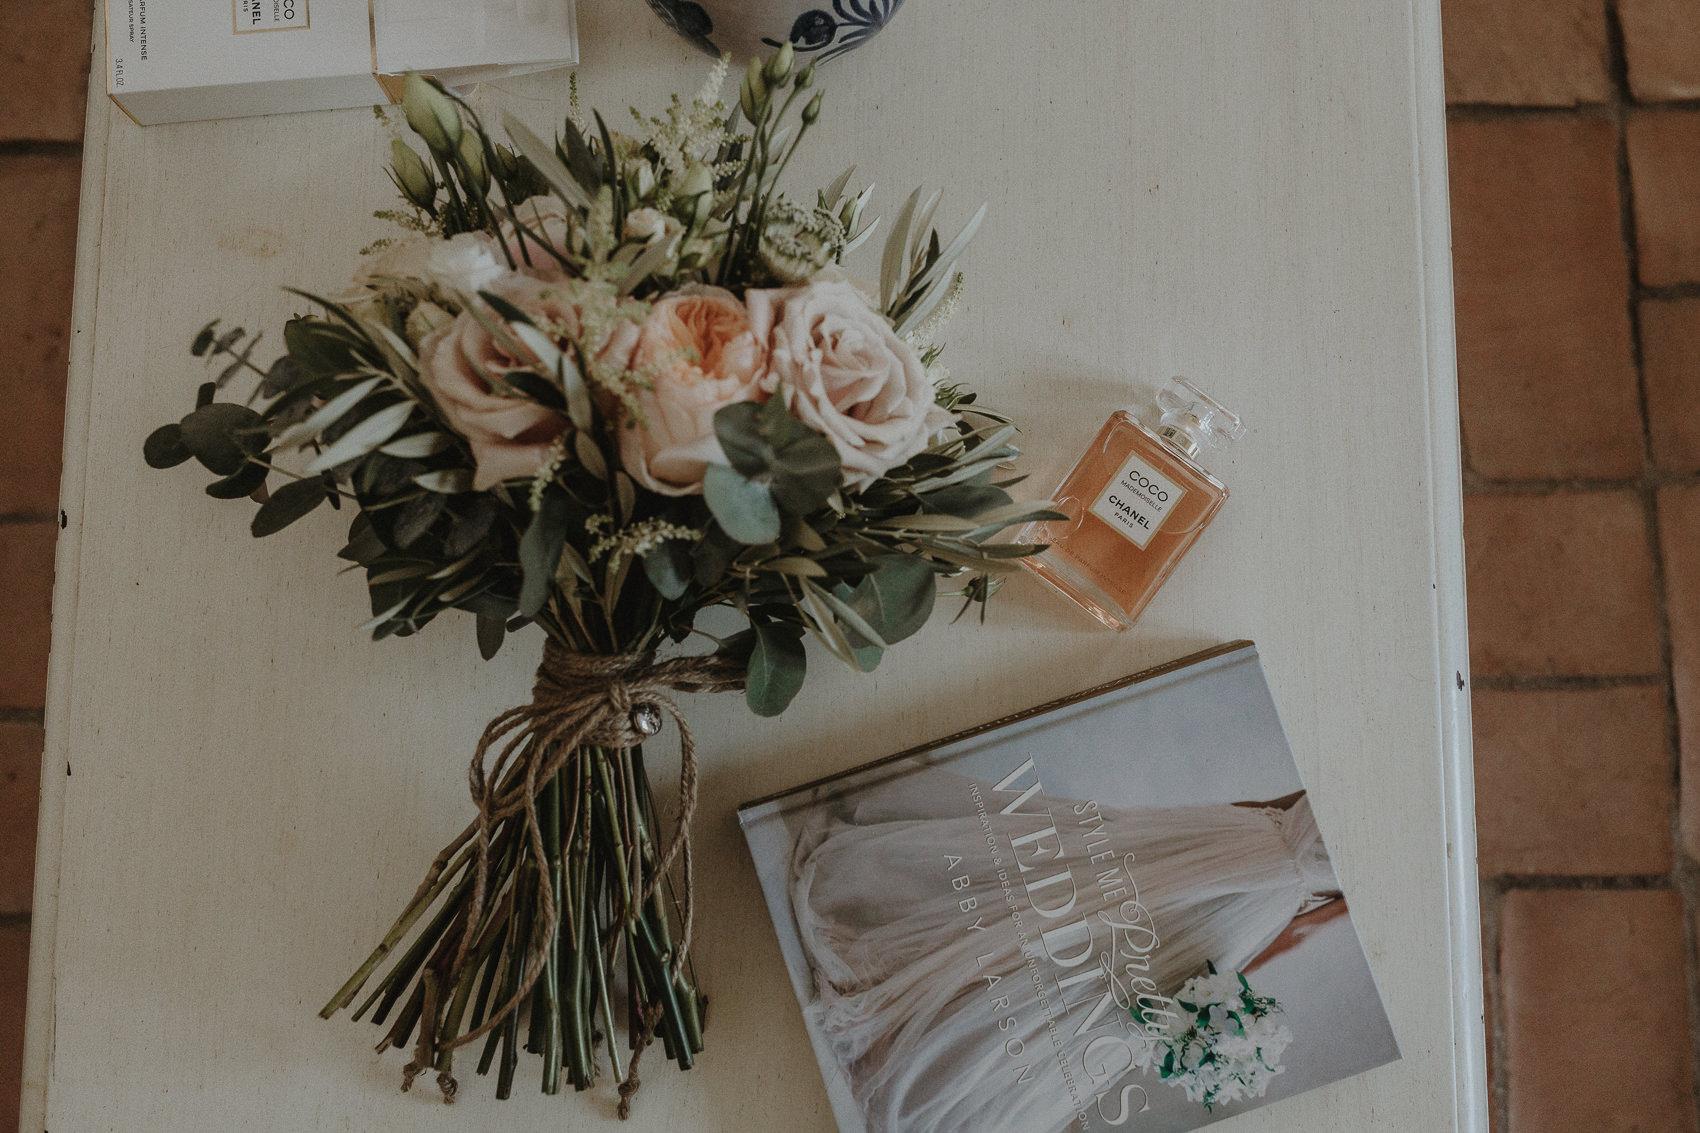 Sarah & Bill | Summer wedding at Cortijo Rosa Blanca | Marbella - Spain 15